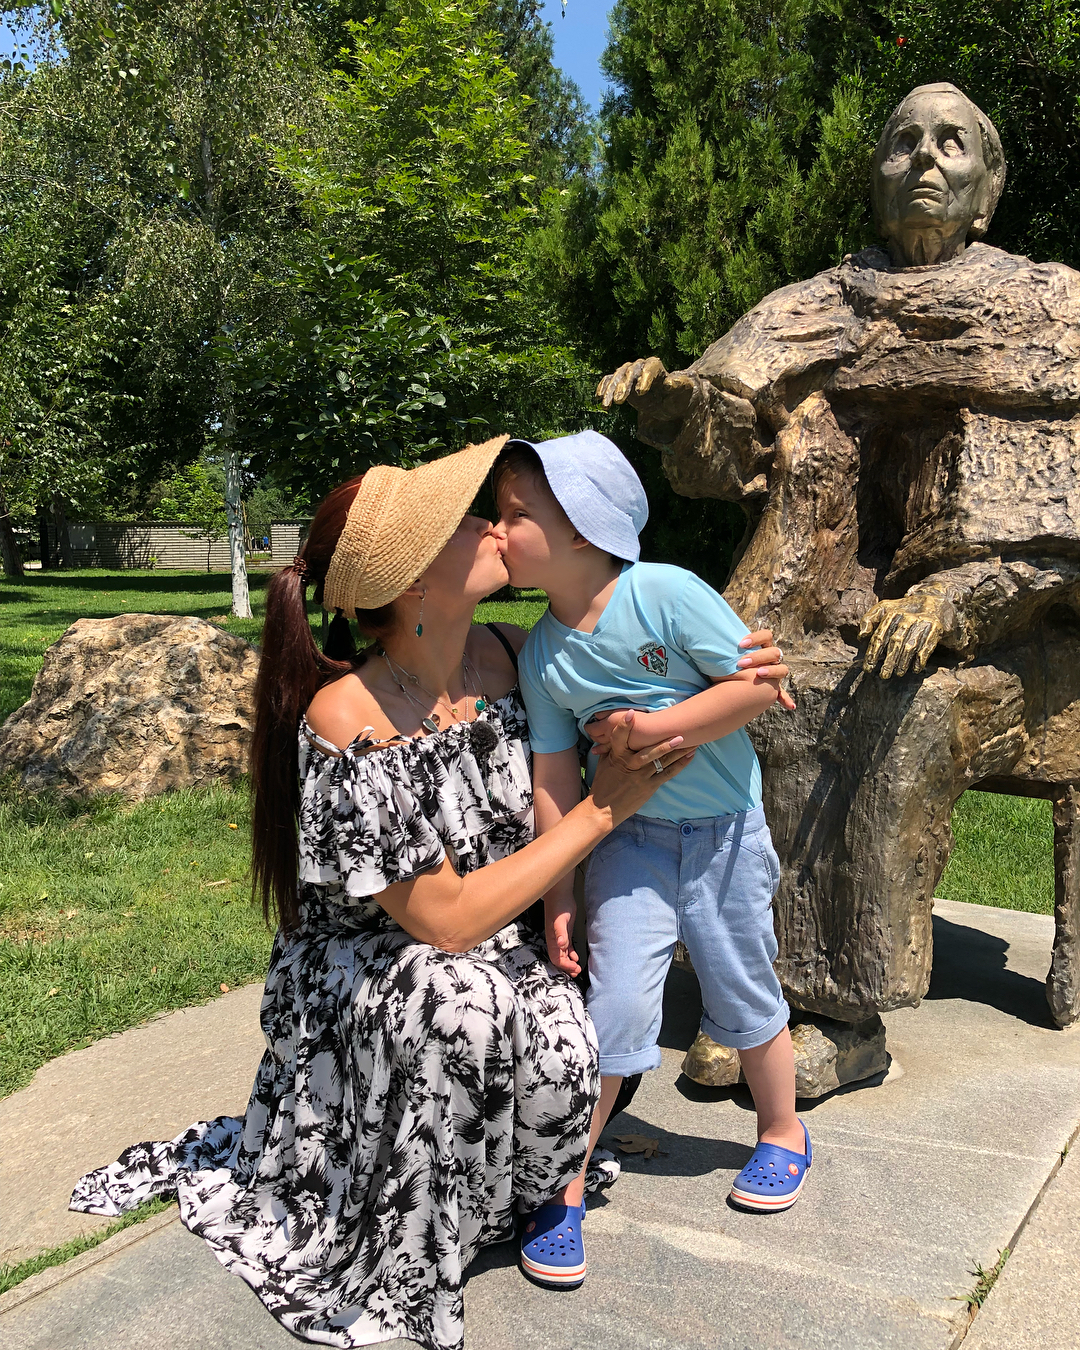 «Если не сейчас, то когда?»: Эвелина Бледанс решила пройти процедуру ЭКО, чтобы снова стать матерью